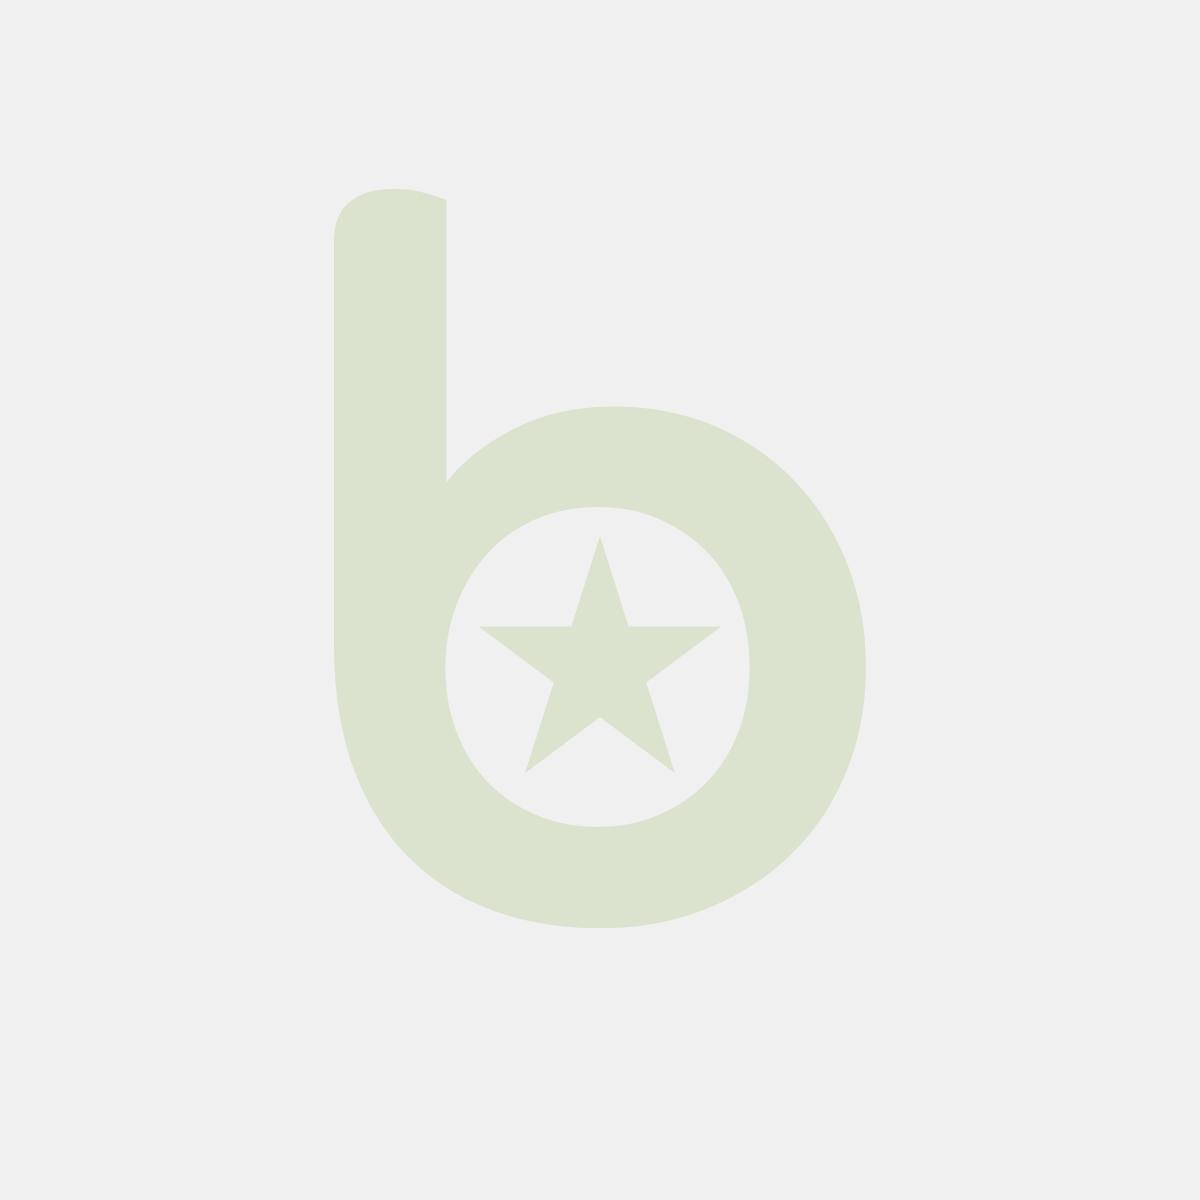 Dekoracyjny worek na pieczywo brązowy 18x25x9 cm